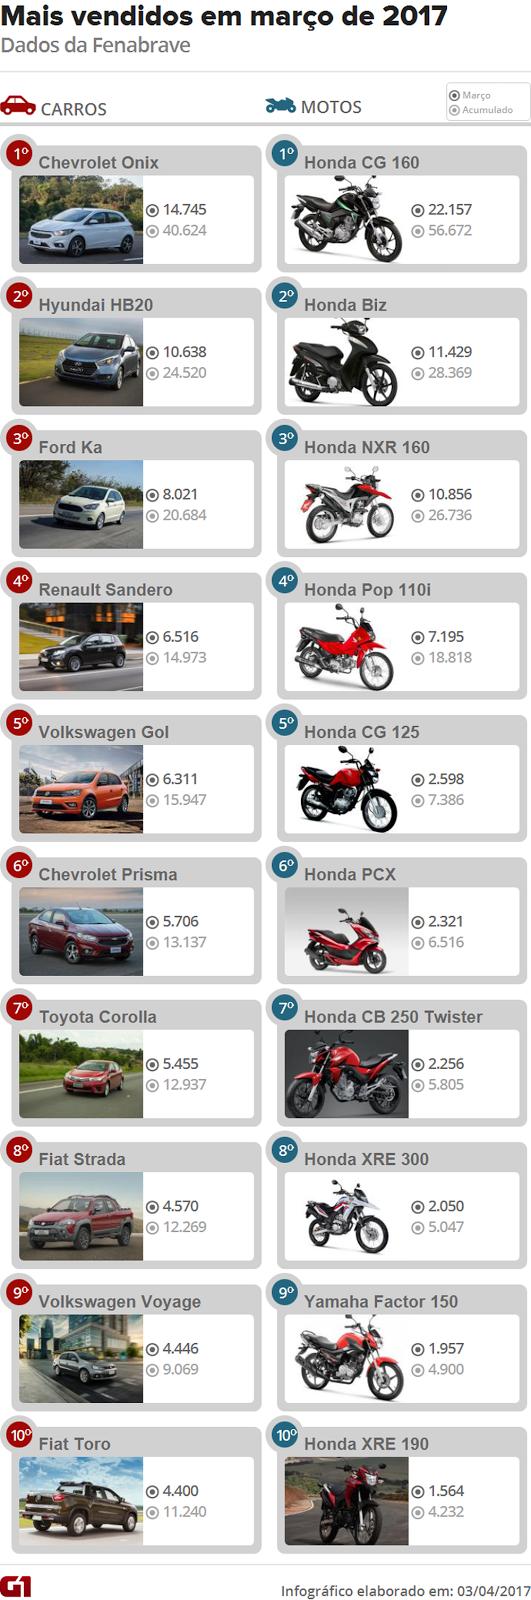 Veja 10 carros e 10 motos mais vendidos em março de 2017